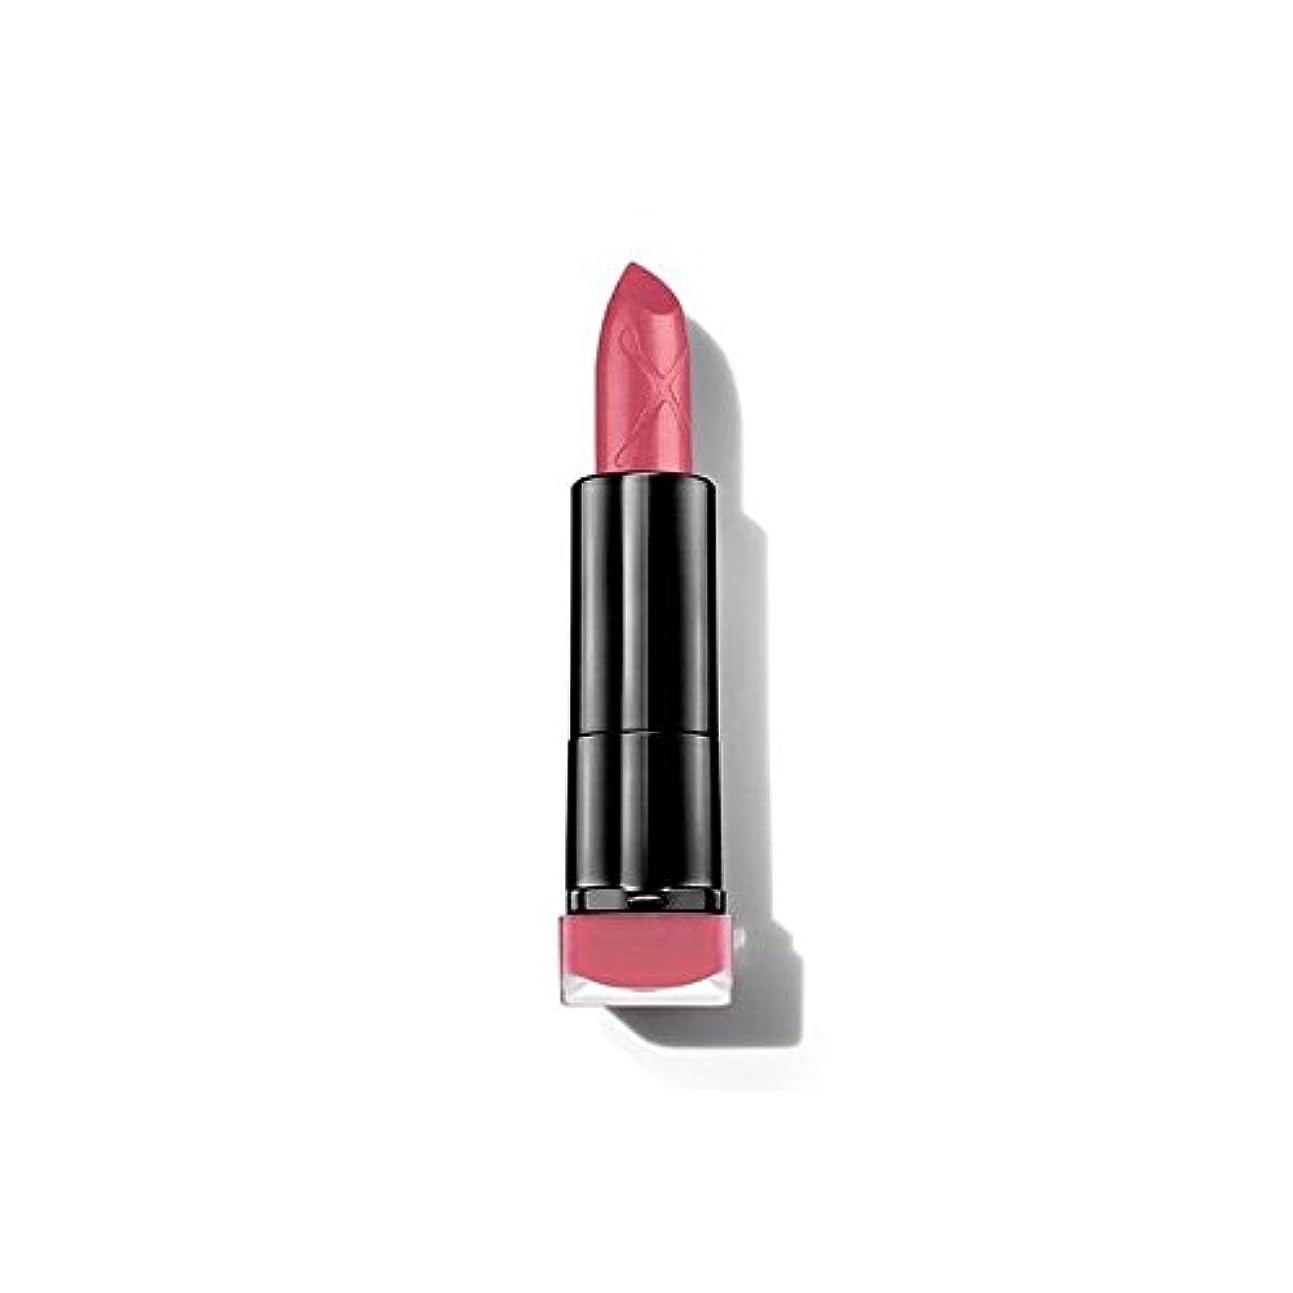 セクタパターンする必要があるマックスファクターカラーエリキシルマット弾丸の口紅は、20ローズ x2 - Max Factor Colour Elixir Matte Bullet Lipstick Rose 20 (Pack of 2) [並行輸入品]